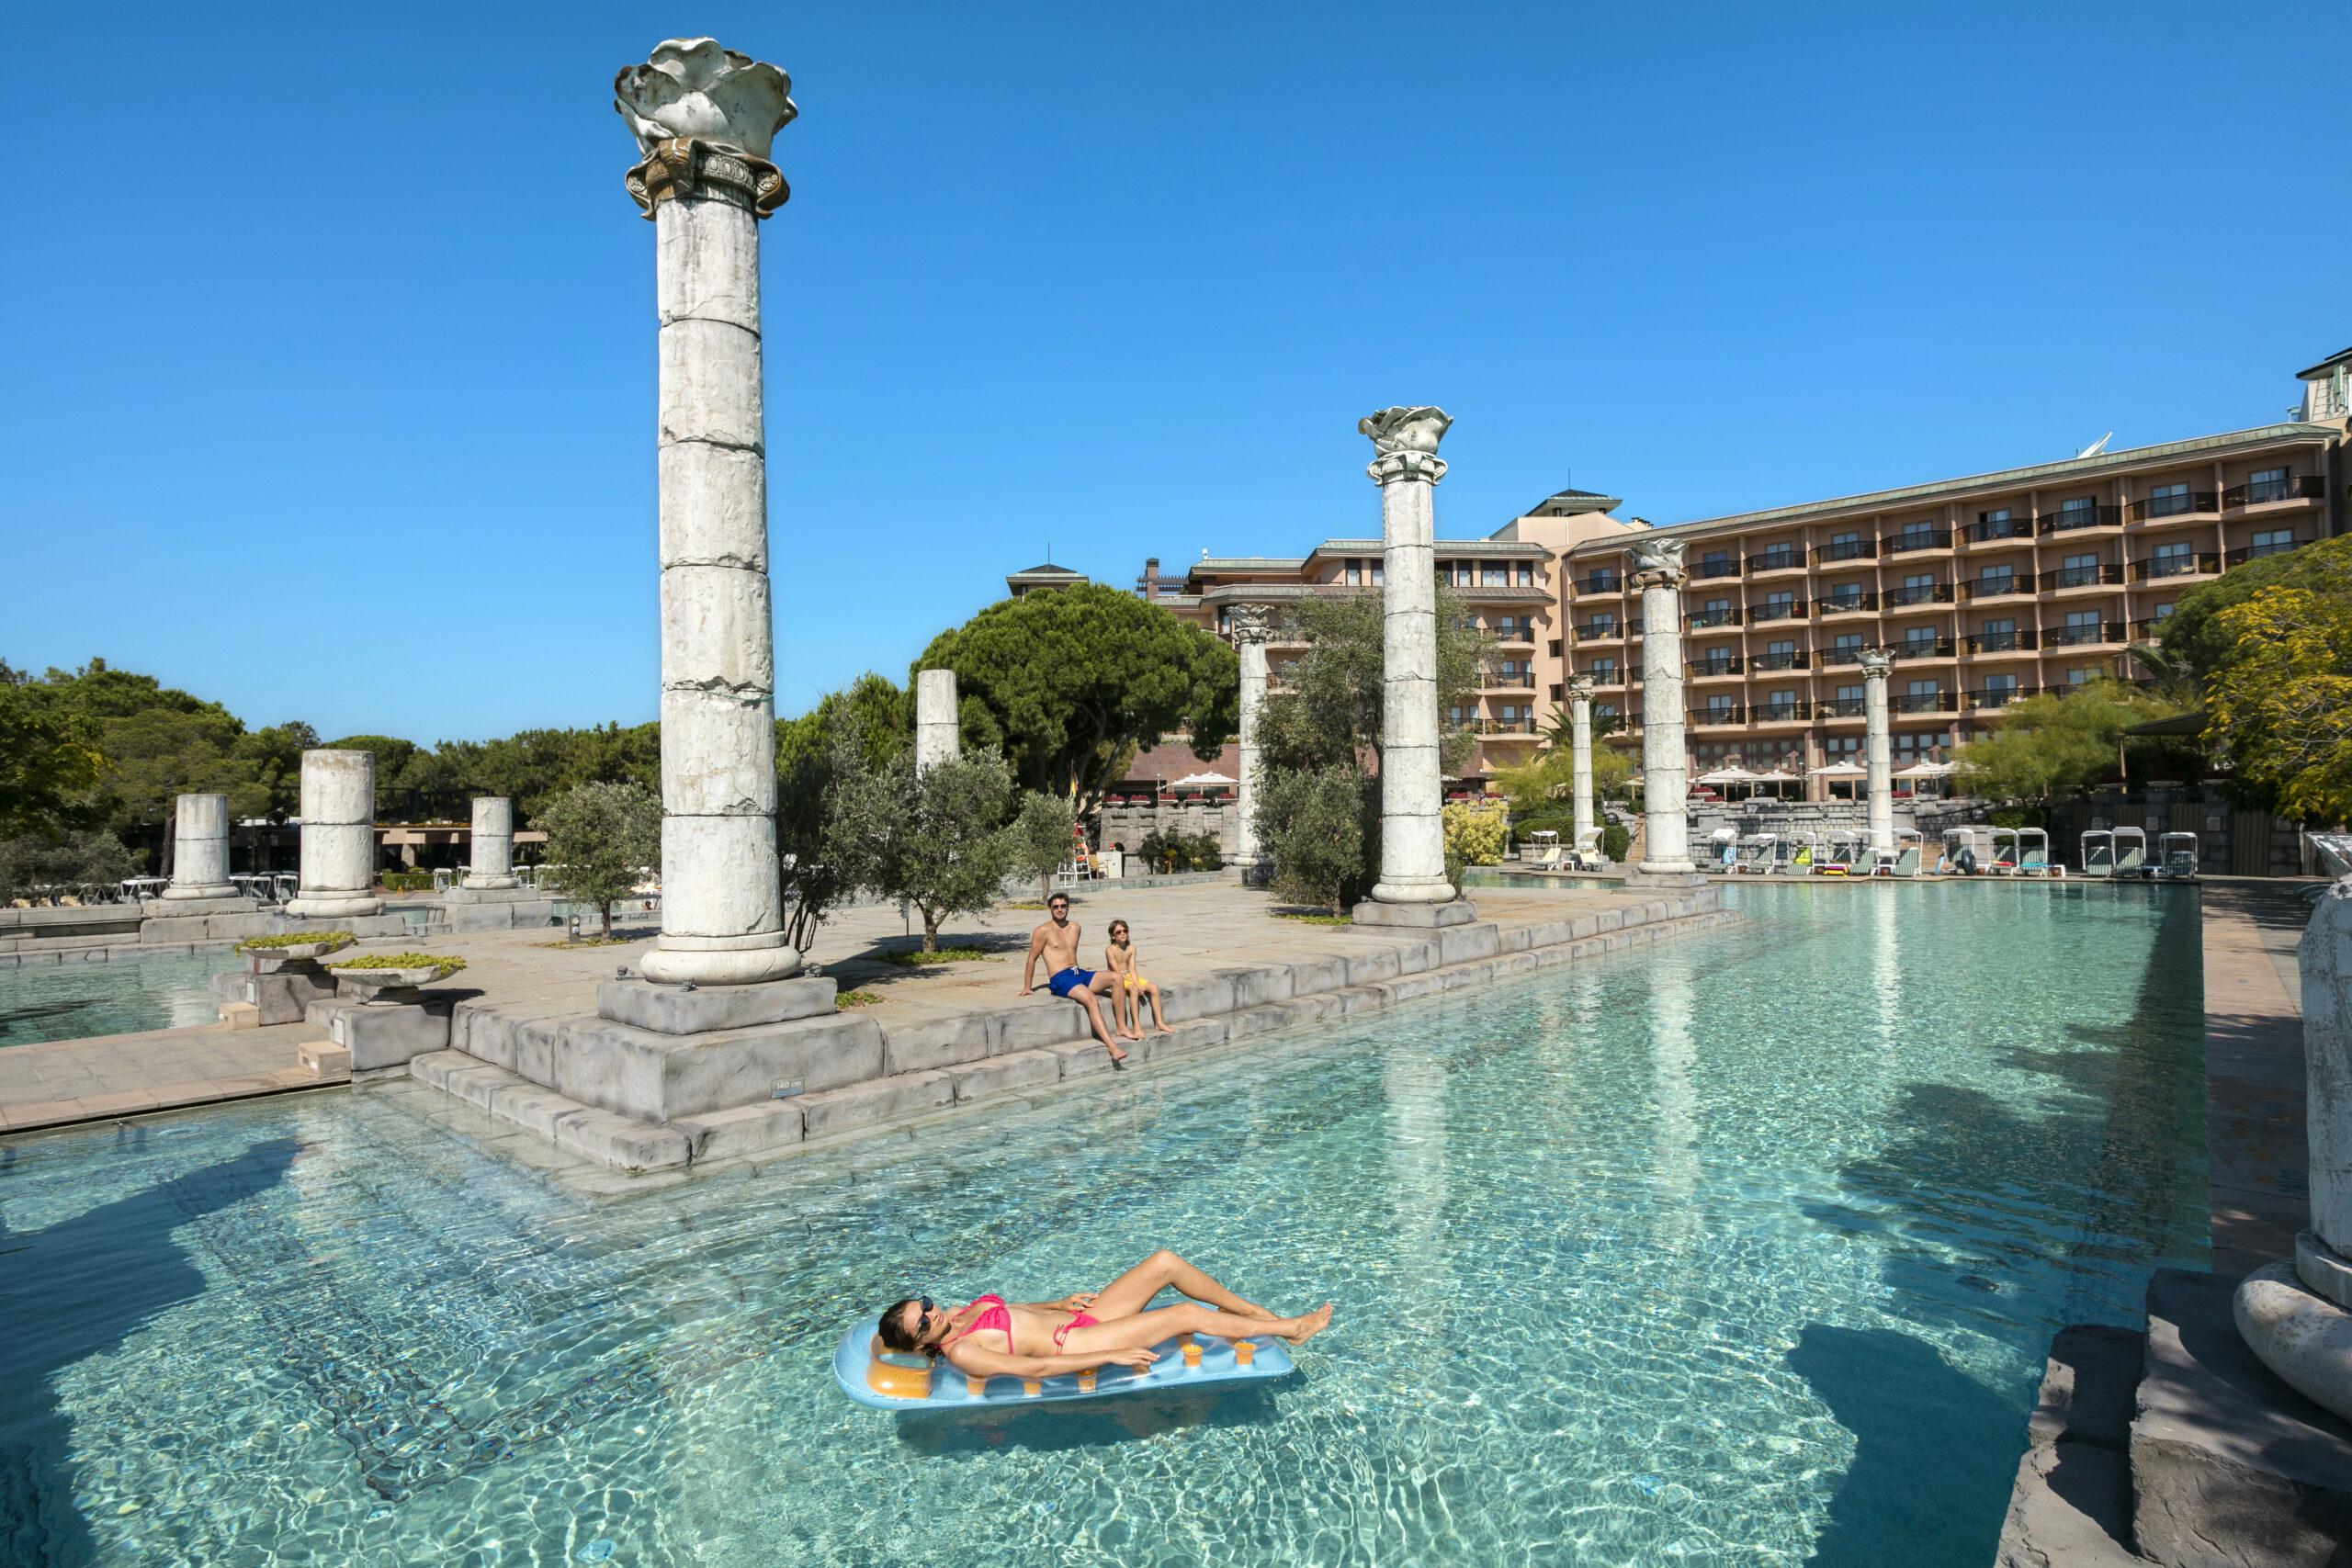 Готель Xanadu 5 * - один з найпопулярніших варіантів для літнього відпочинку в Анталії